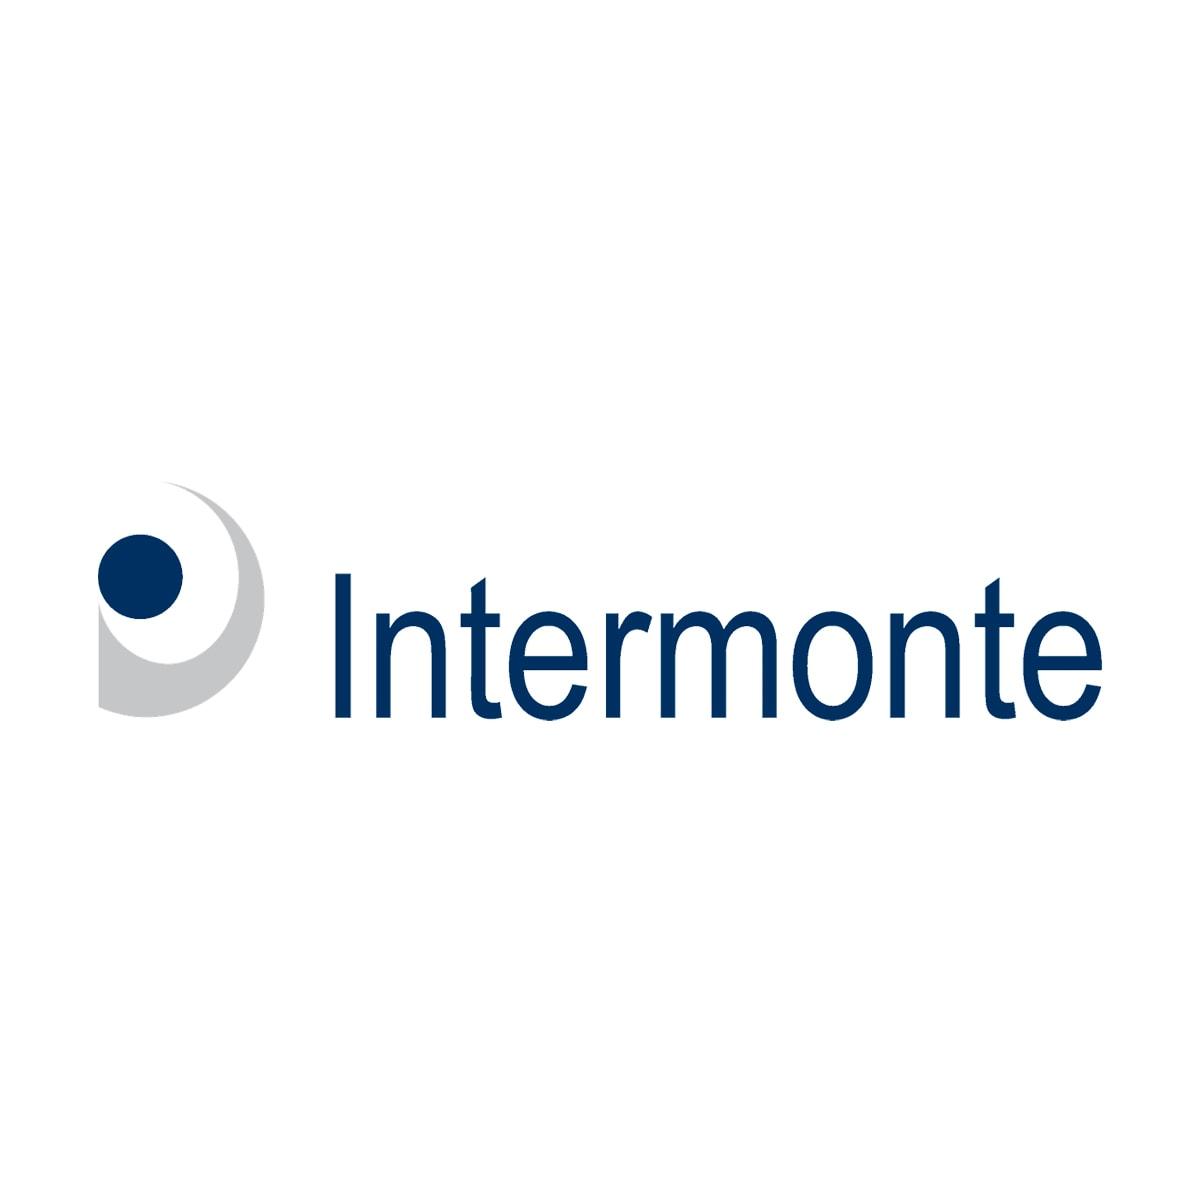 Intermonte Partners SIM, azioni collocate a 2,8 euro